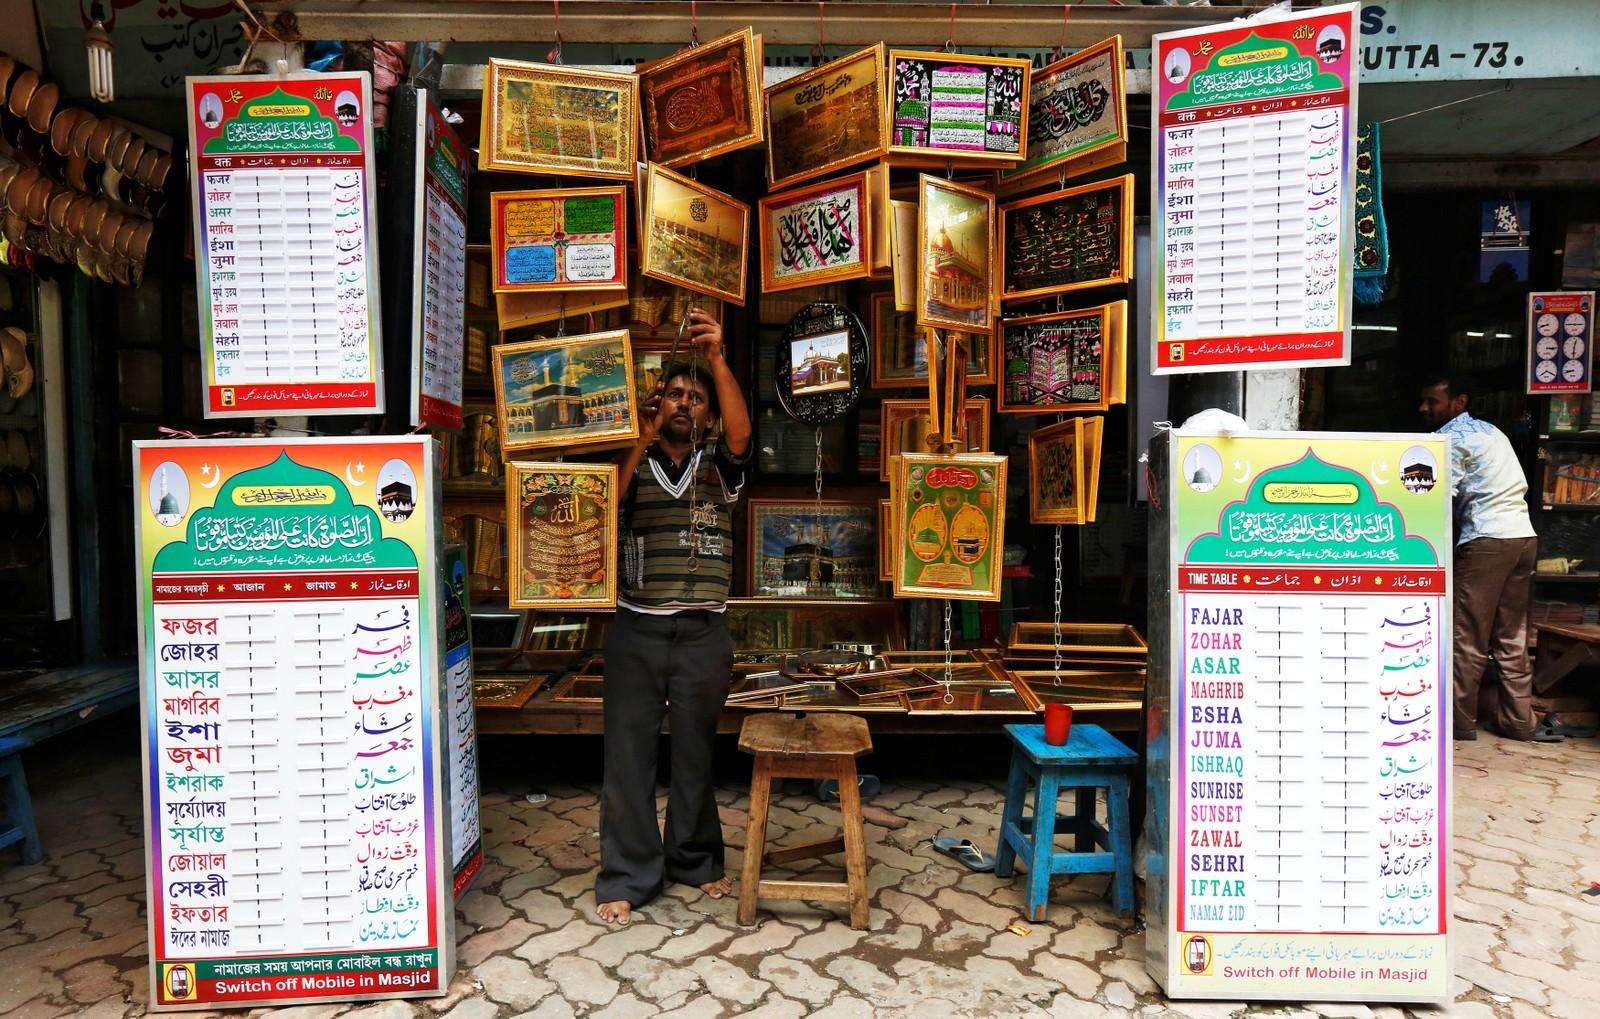 En butikkansatt henger opp religiøse bilder for salg i Kolkata i India. India har over 170 millioner muslimer, noe som utgjør 14 prosent av befolkningen ifølge en folketelling i 2011.